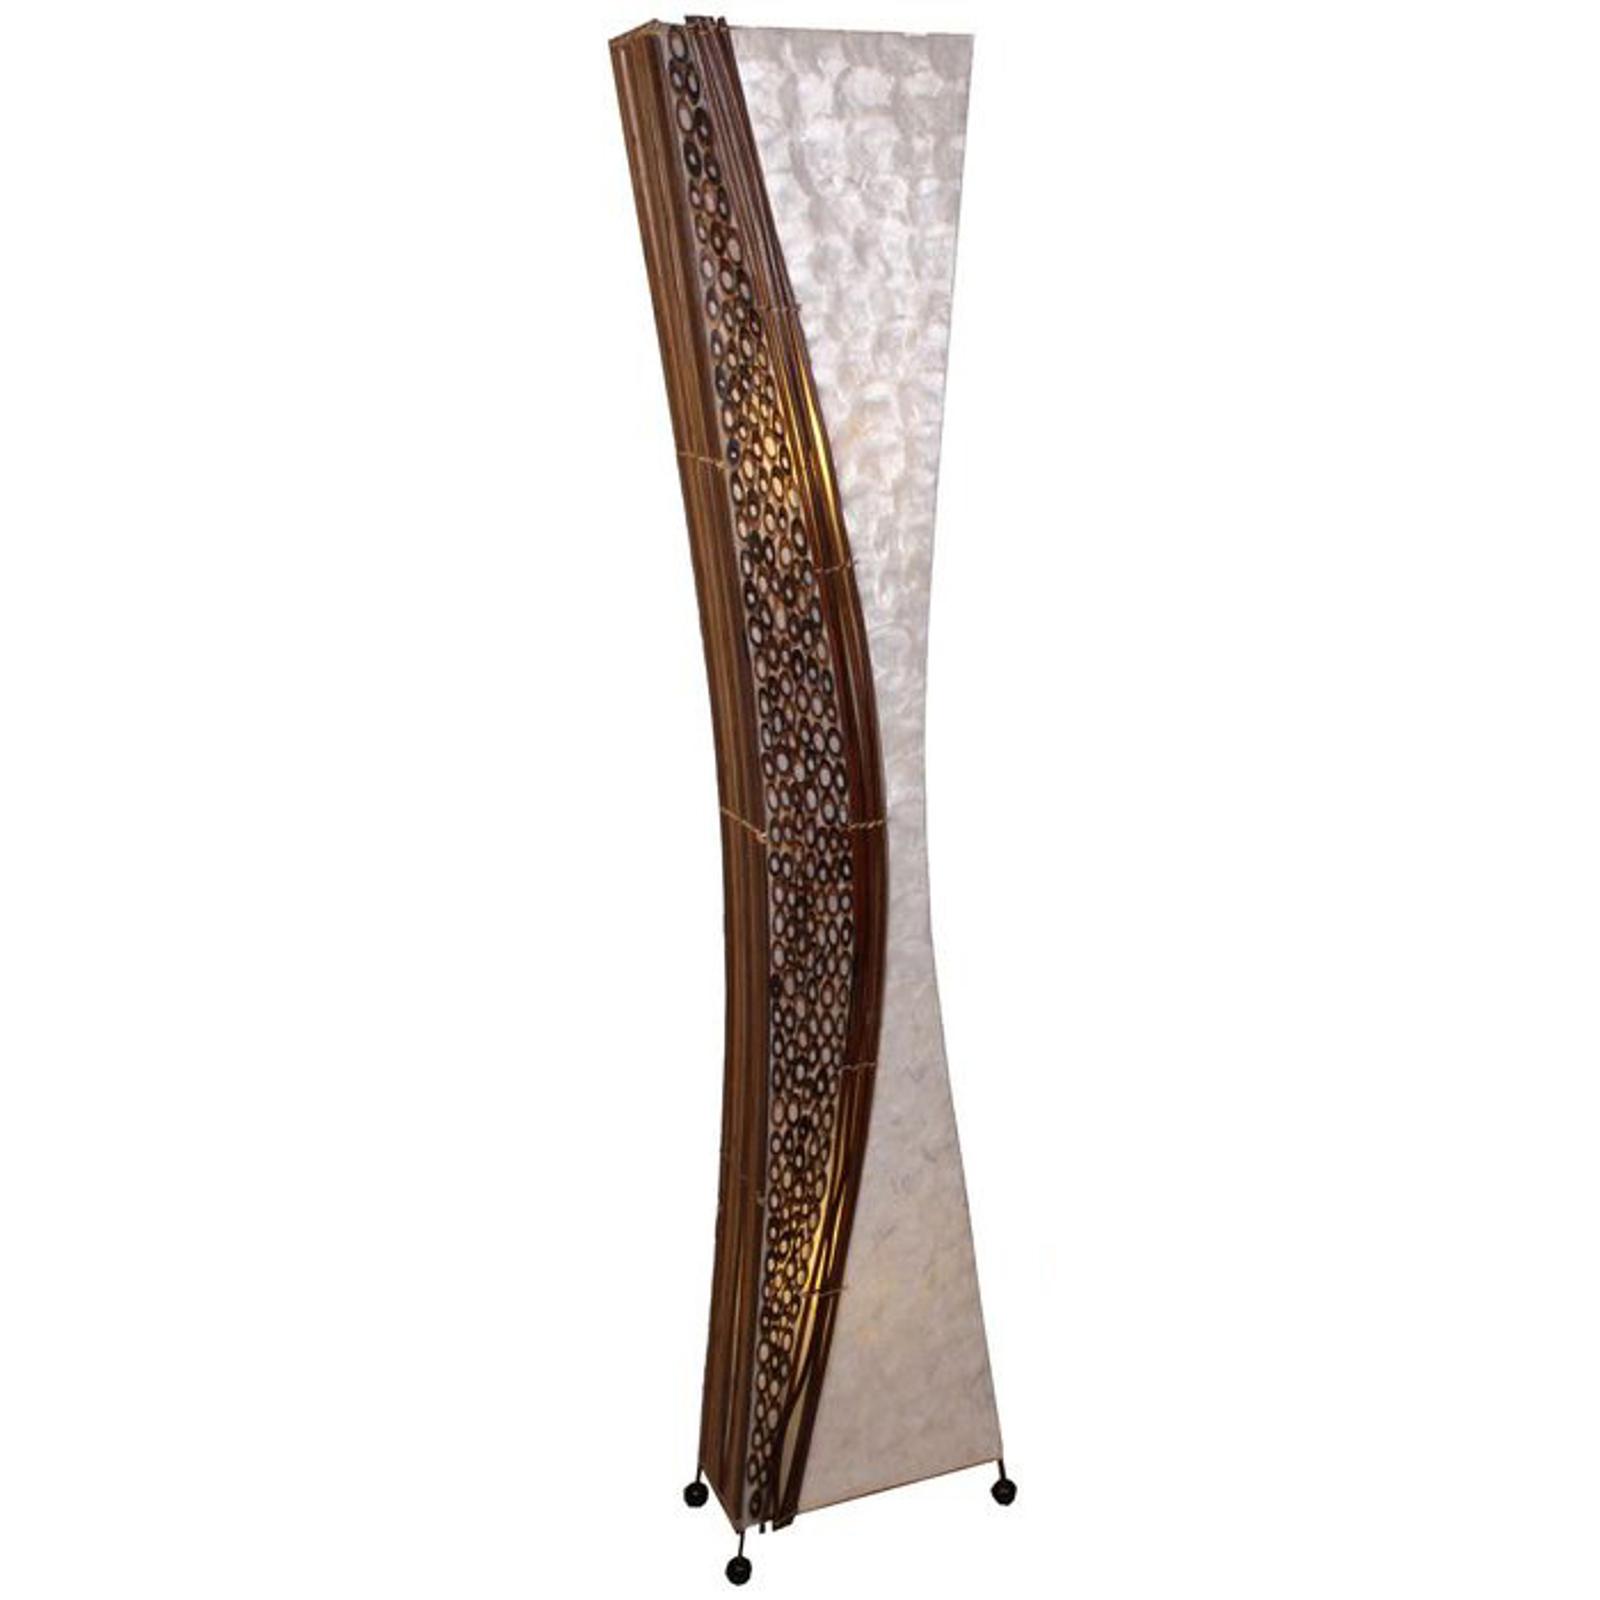 Czarująca lampa stojąca WAYAN 150 cm